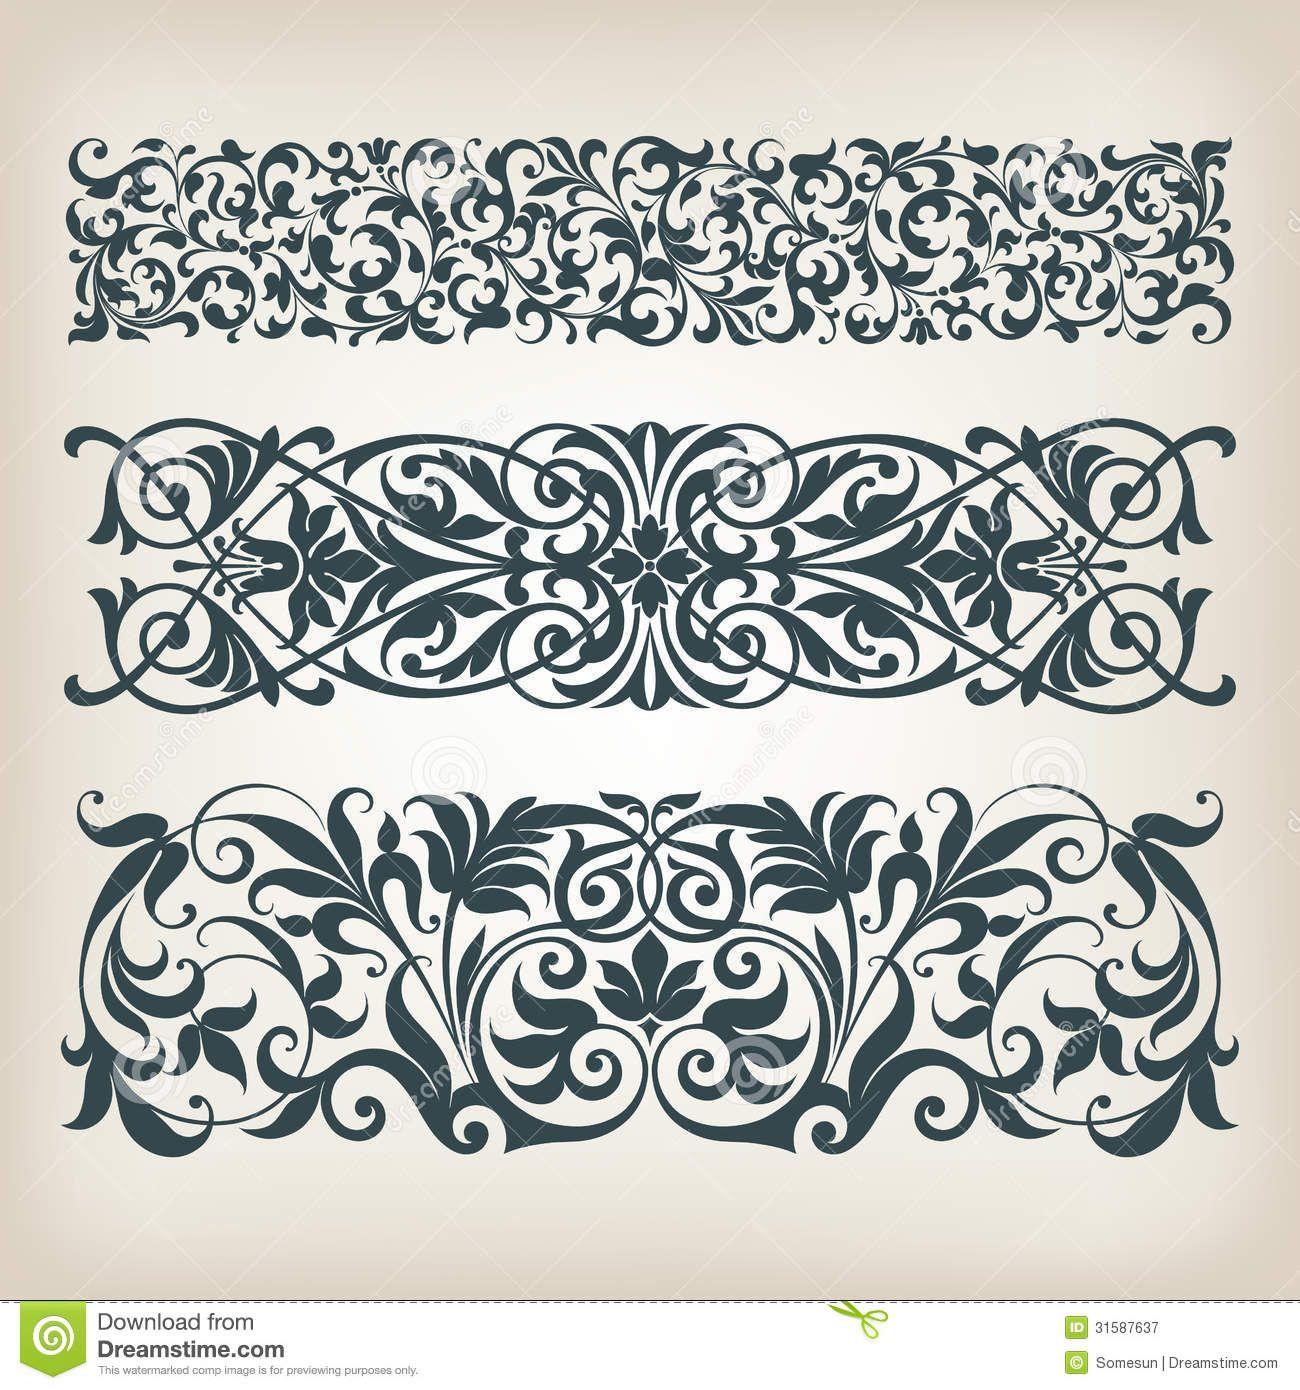 Vintage Set Border Frame Ornate Scroll Calligraphy Vector - Download ...